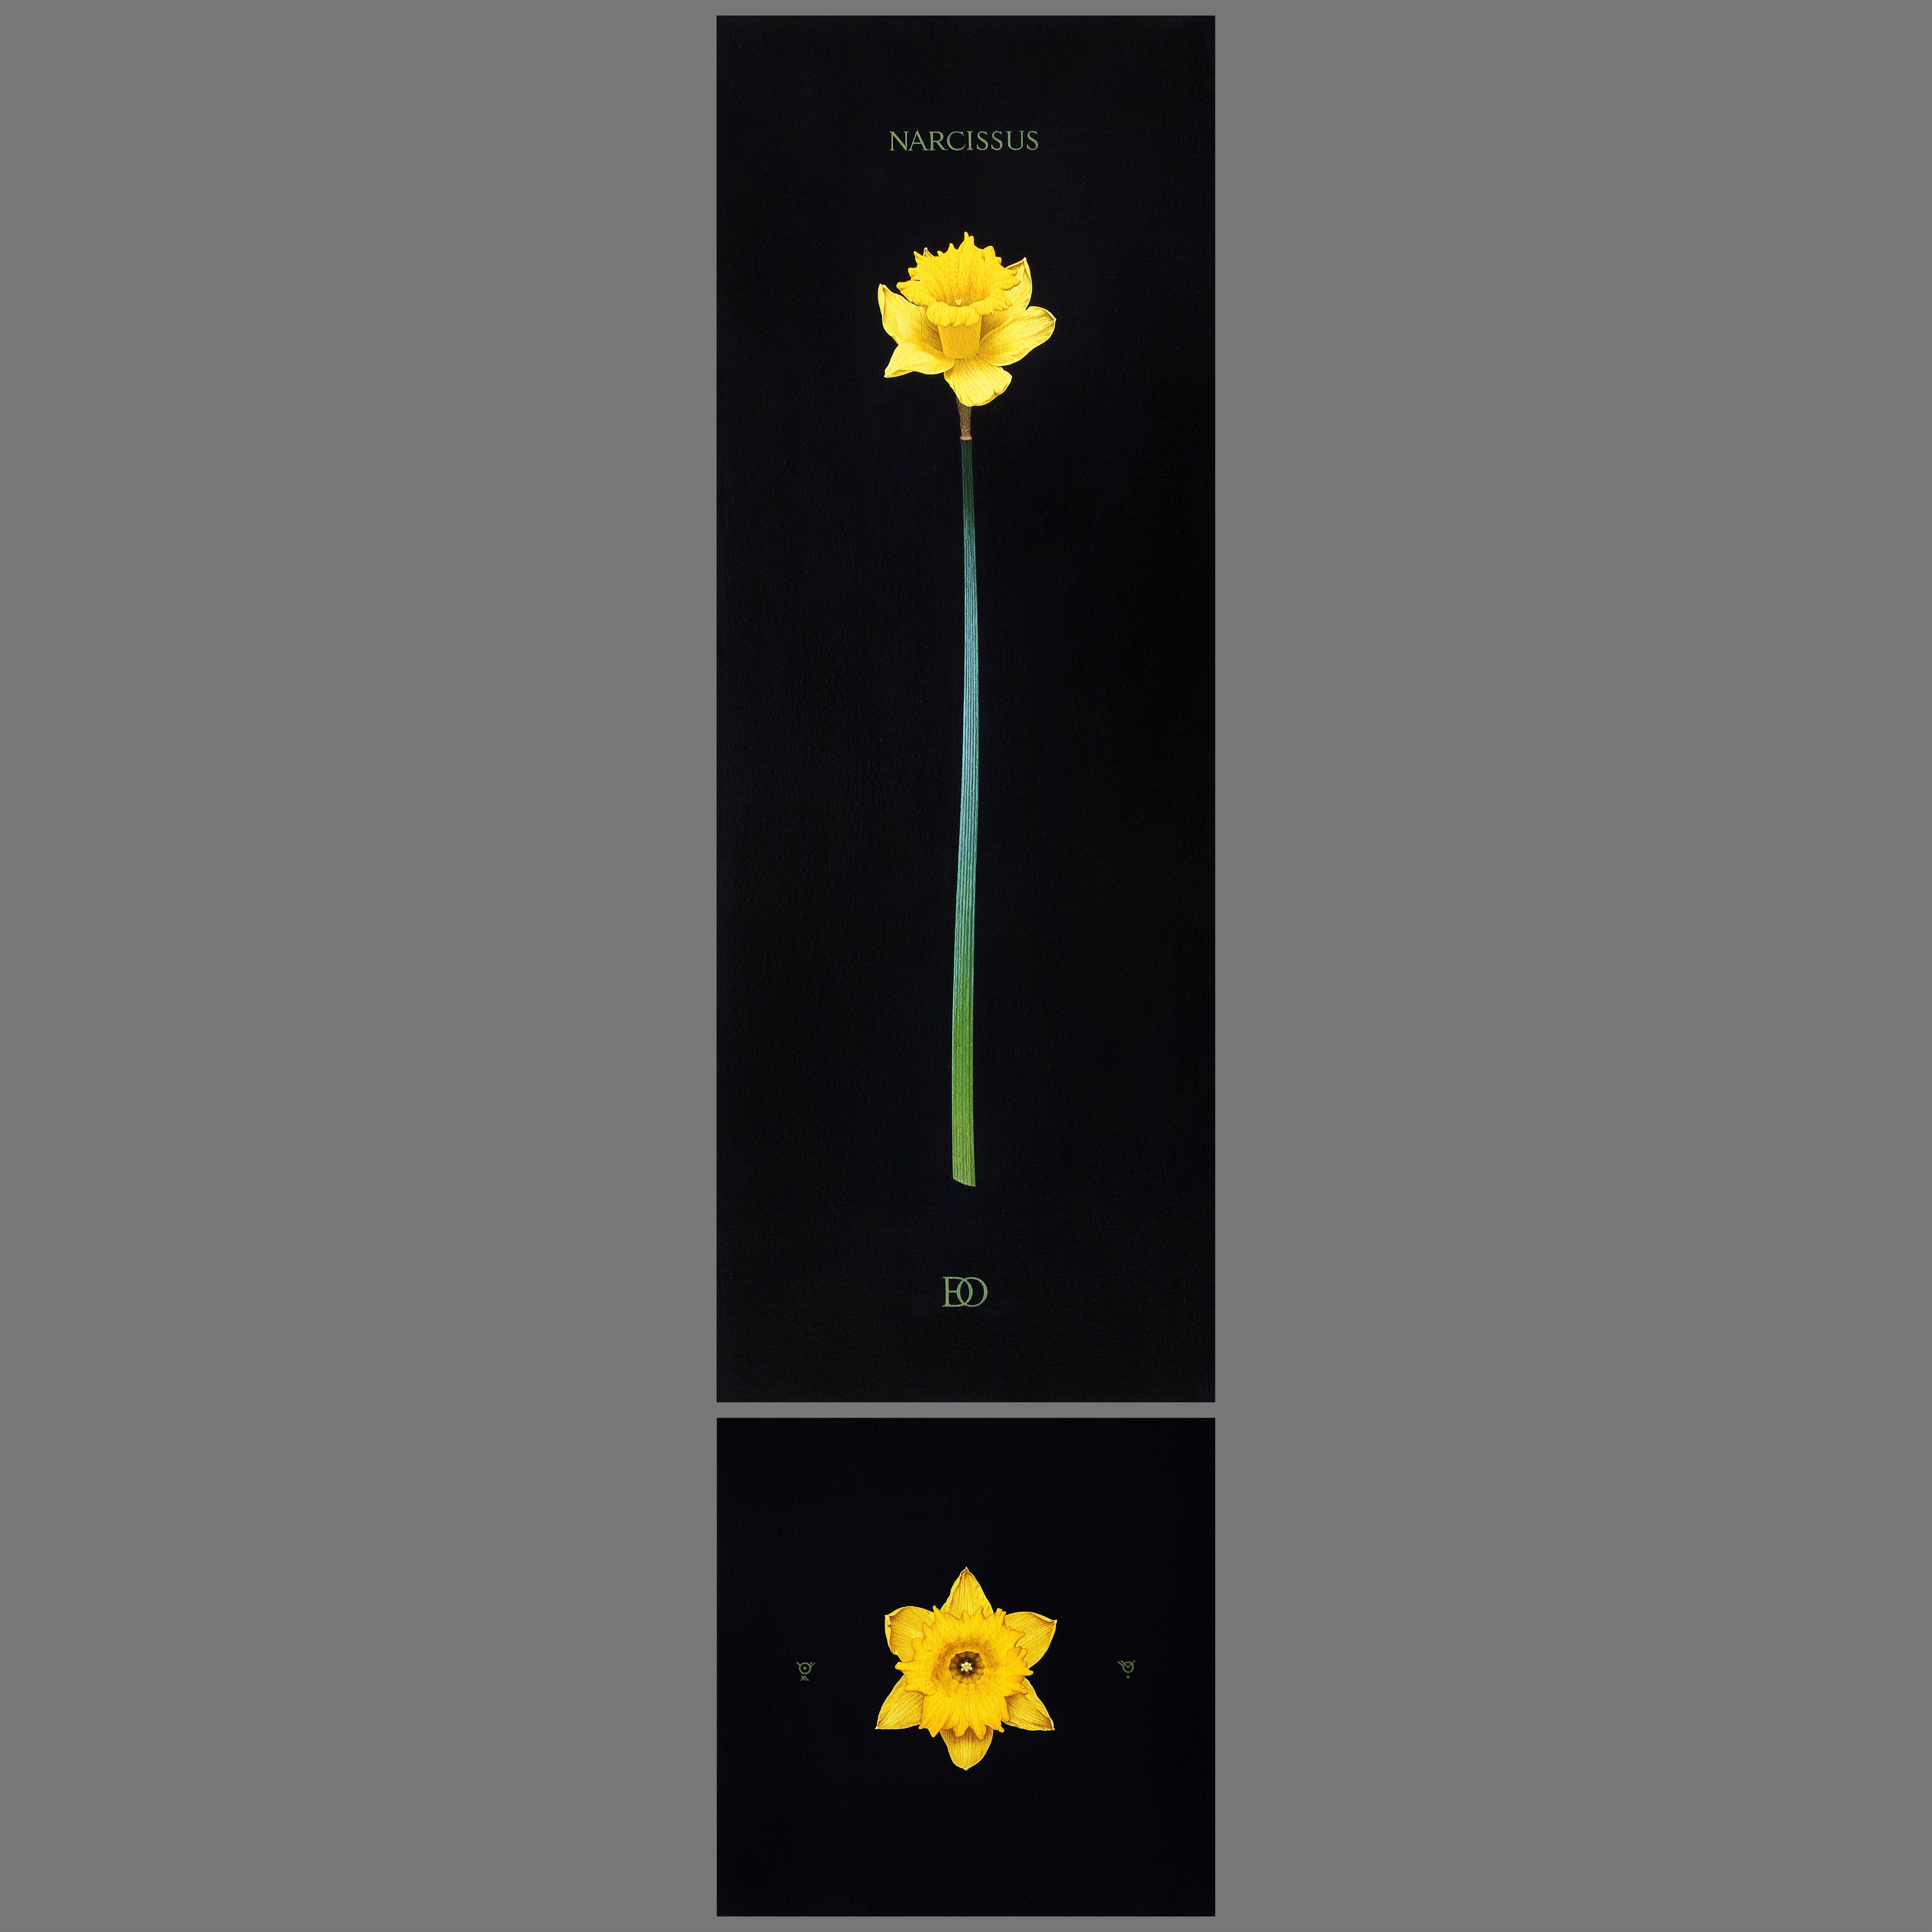 Юлія Долинська. Narcissus, 2019; 70x25+25x25